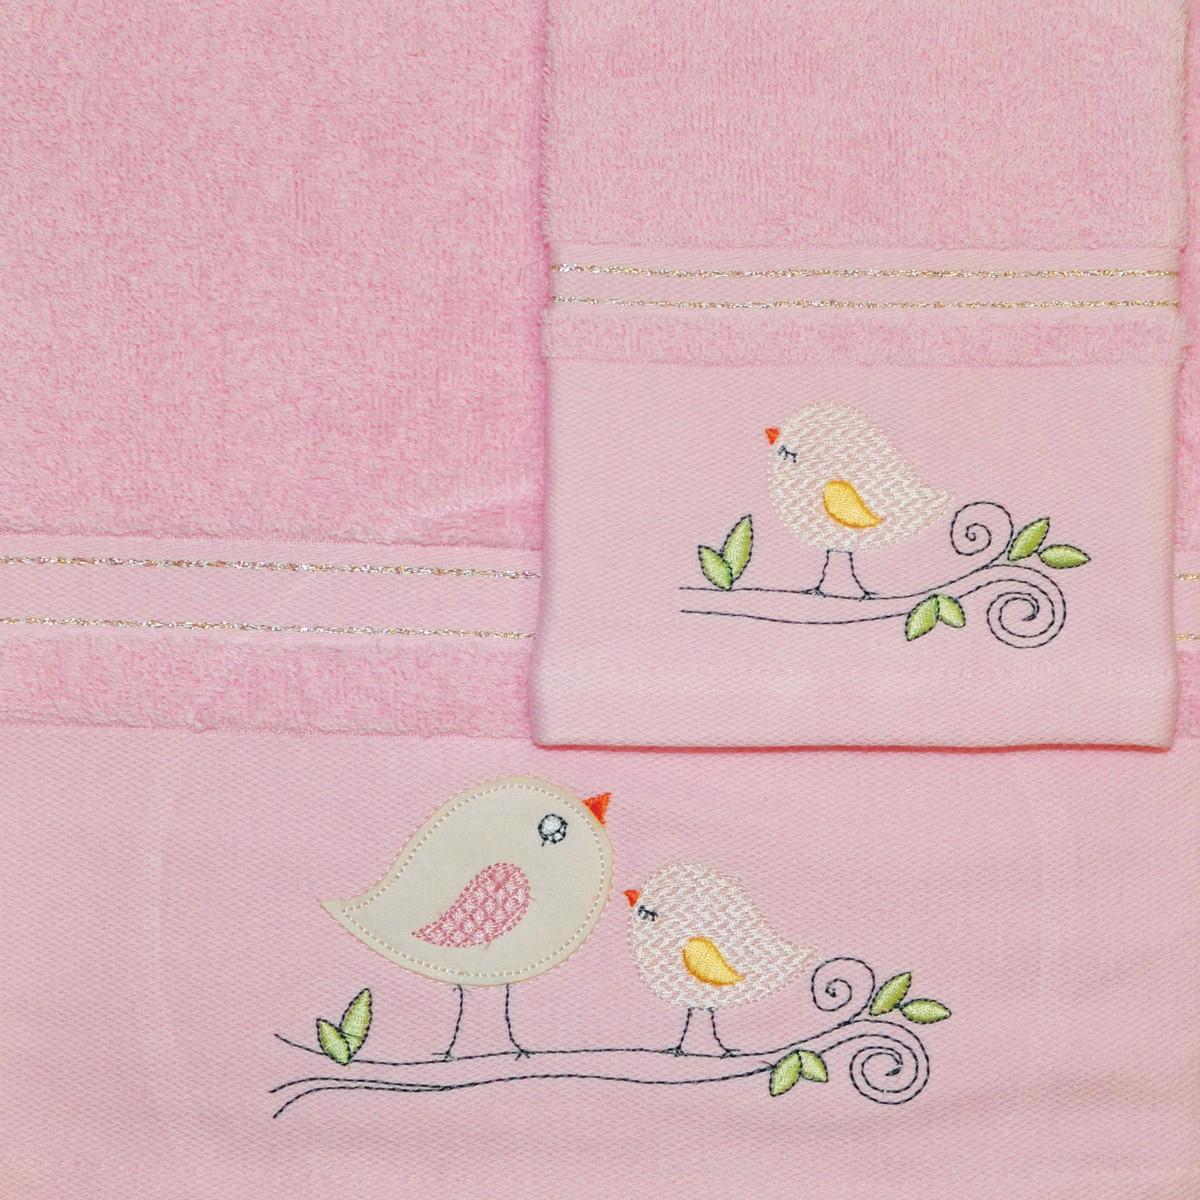 Βρεφικές Πετσέτες (Σετ 2τμχ) Morven 525 Pink